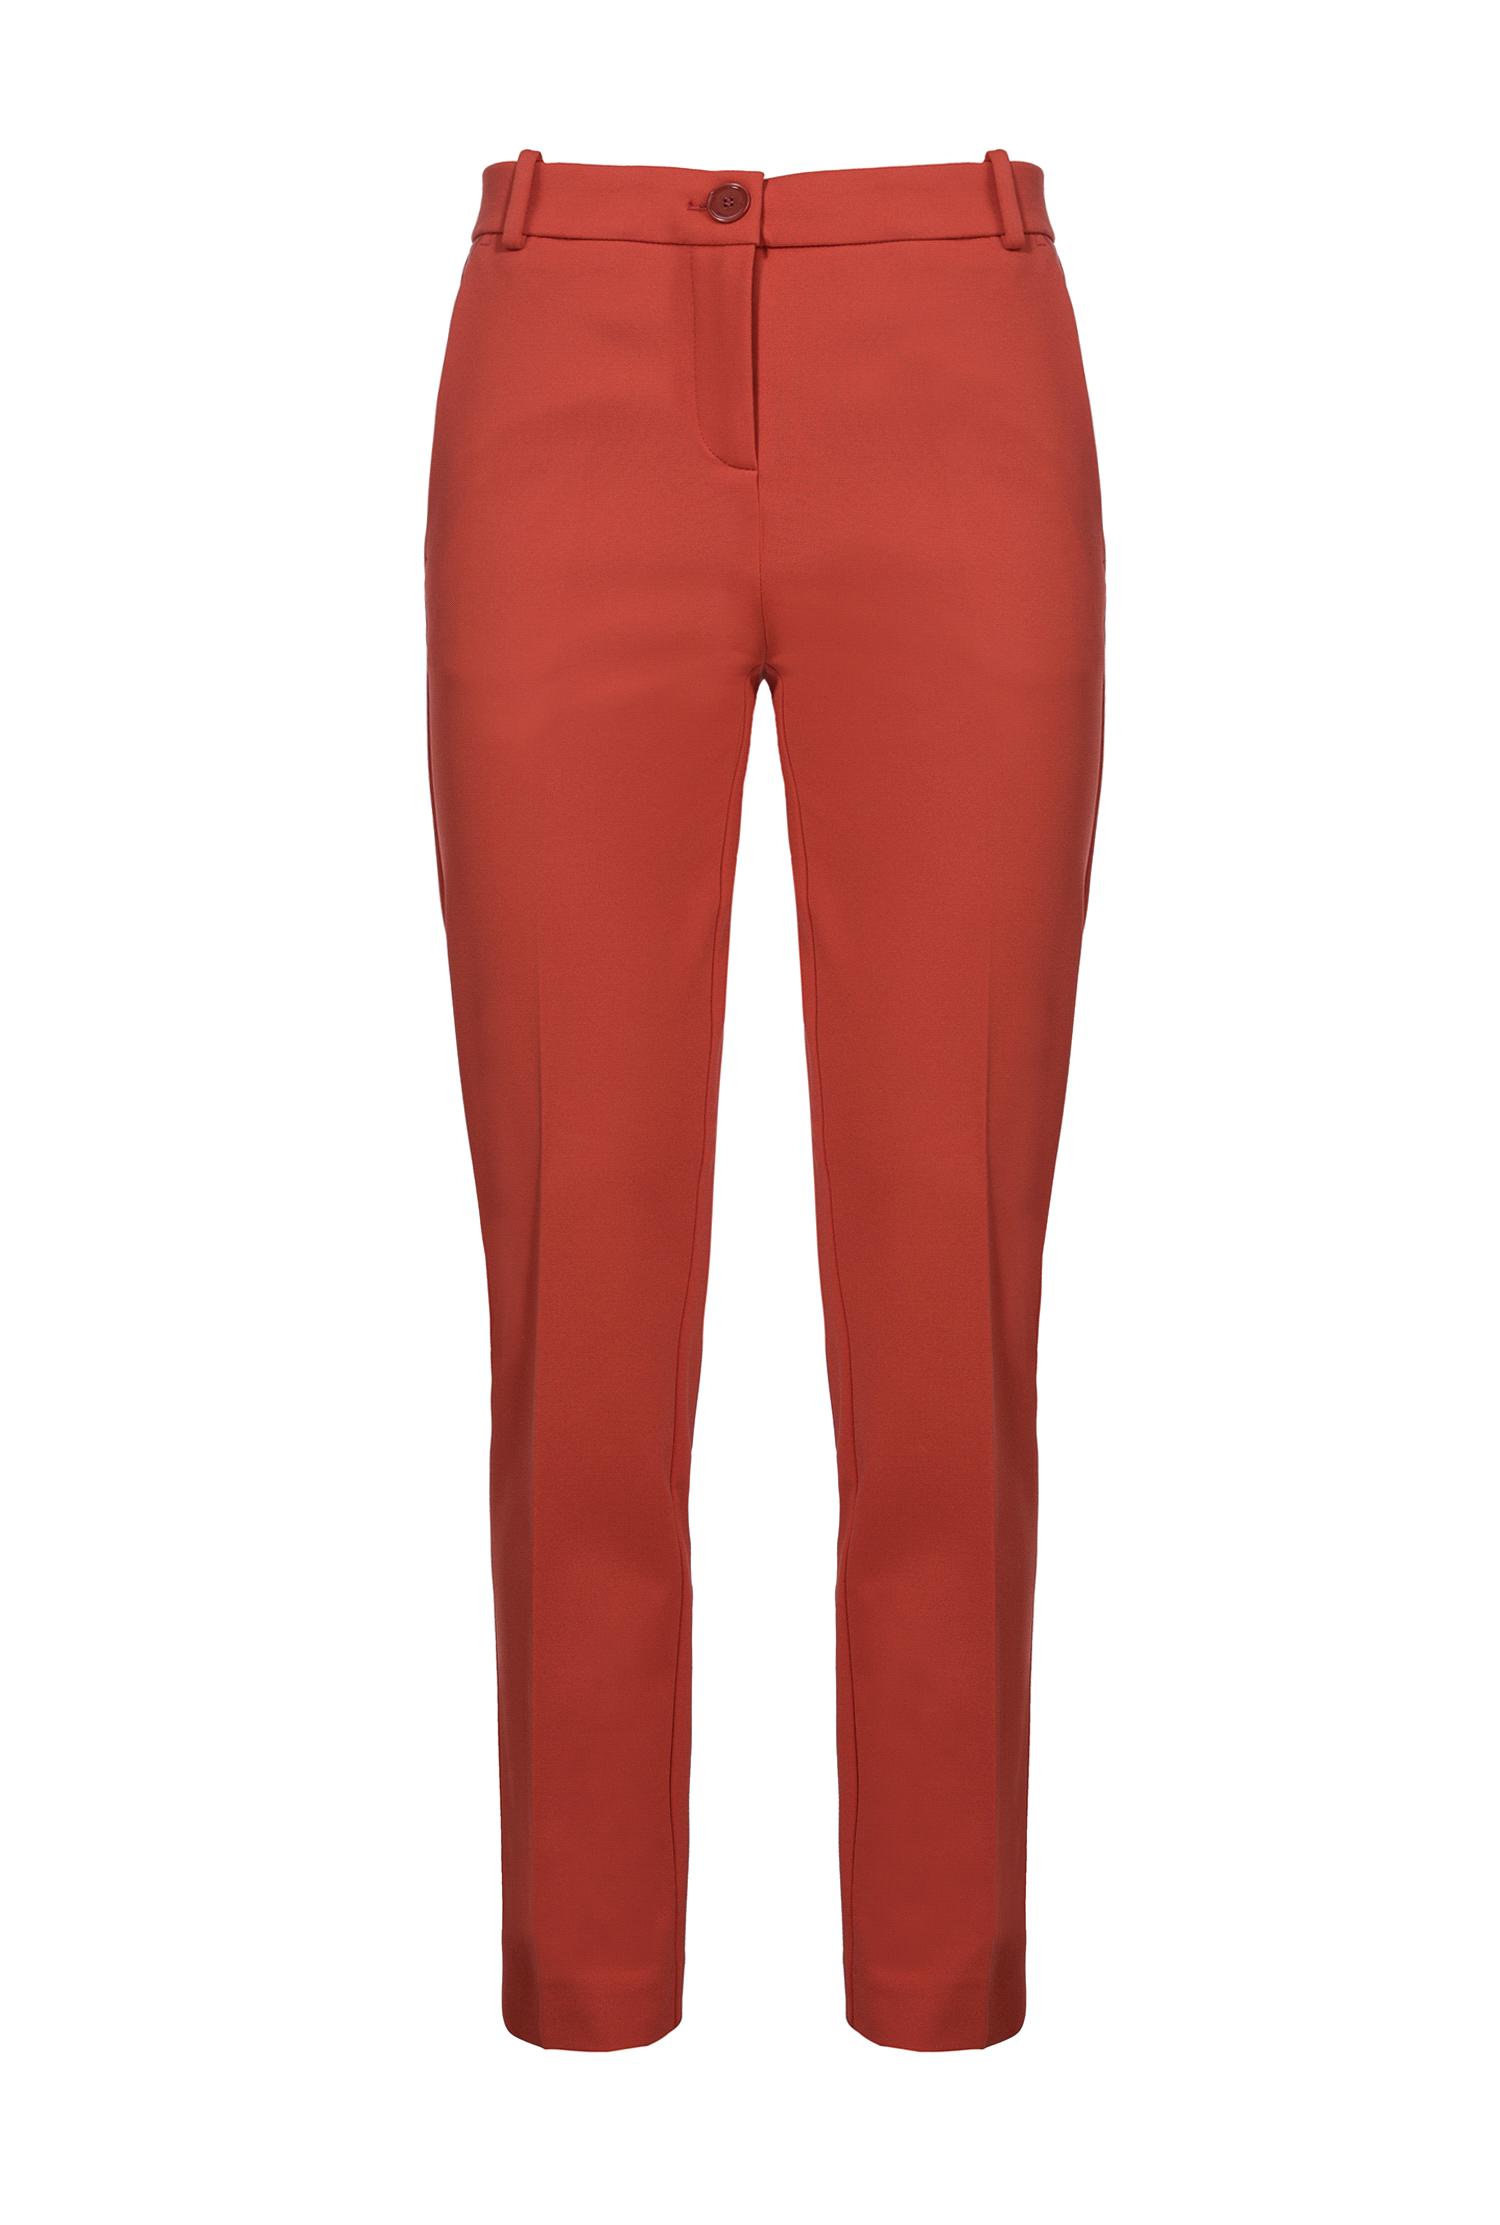 Minimal chic 1: Панталони Pinko 207 лв.